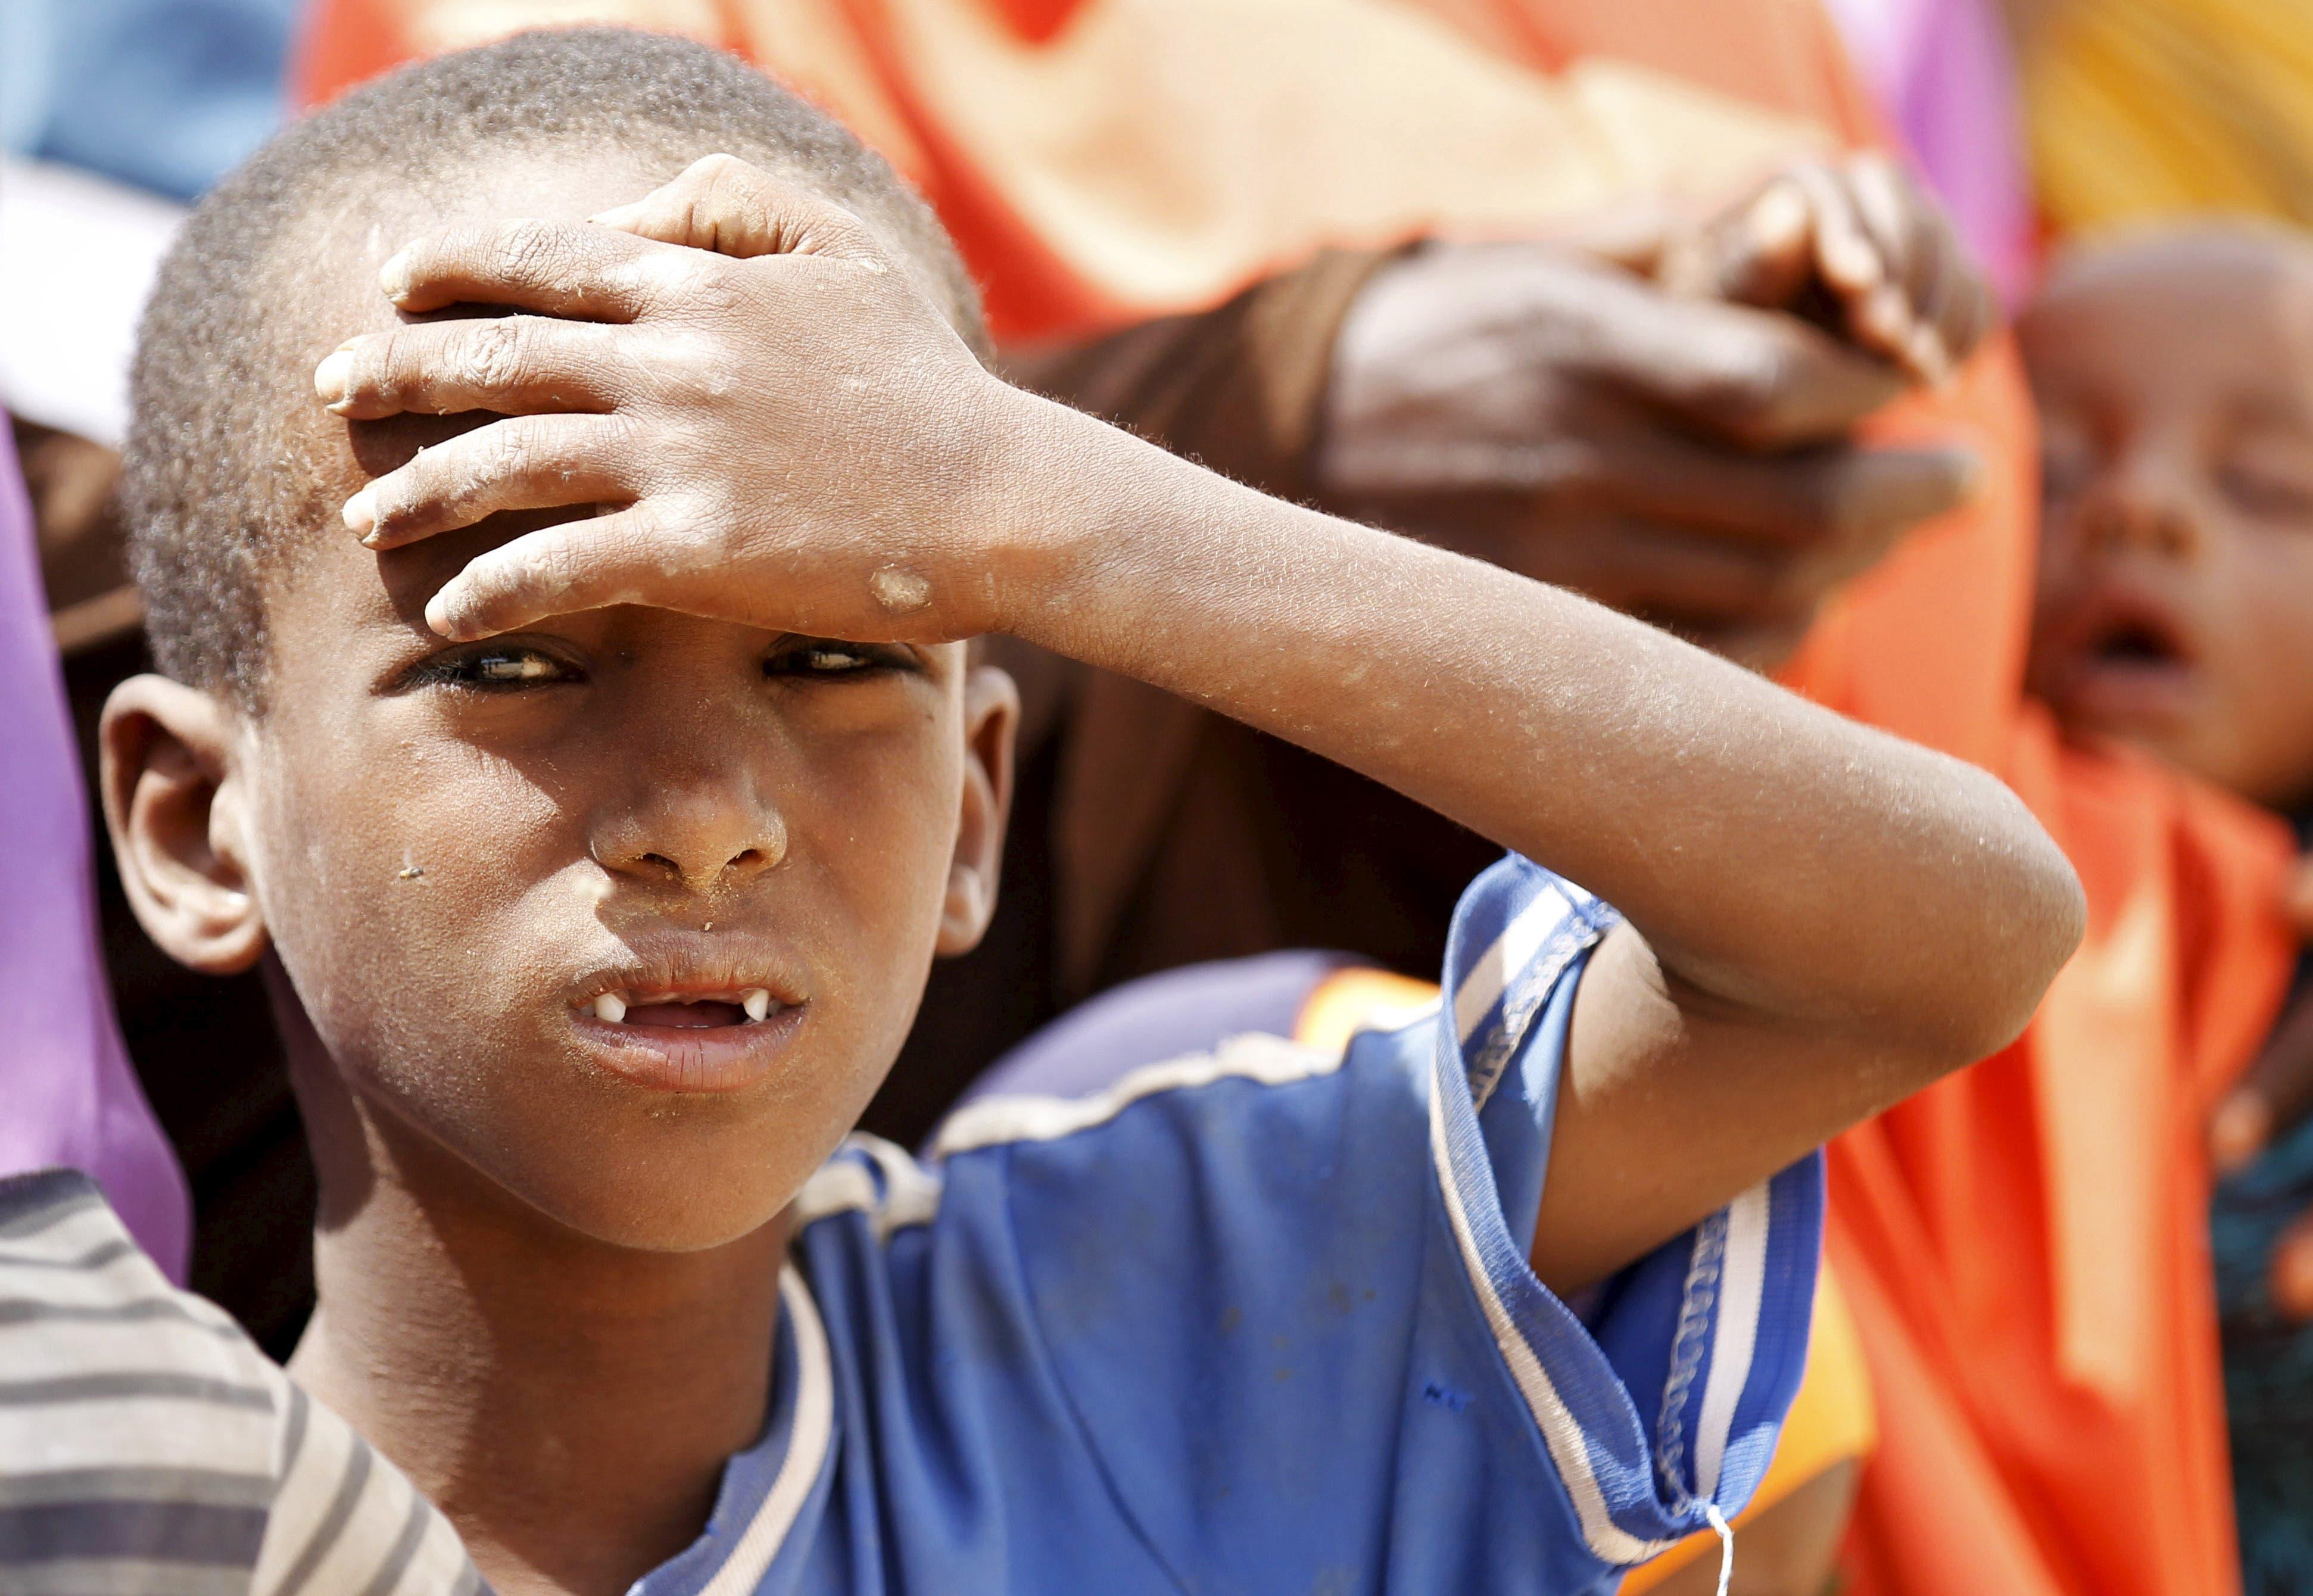 Somali refugees at the Kenya border